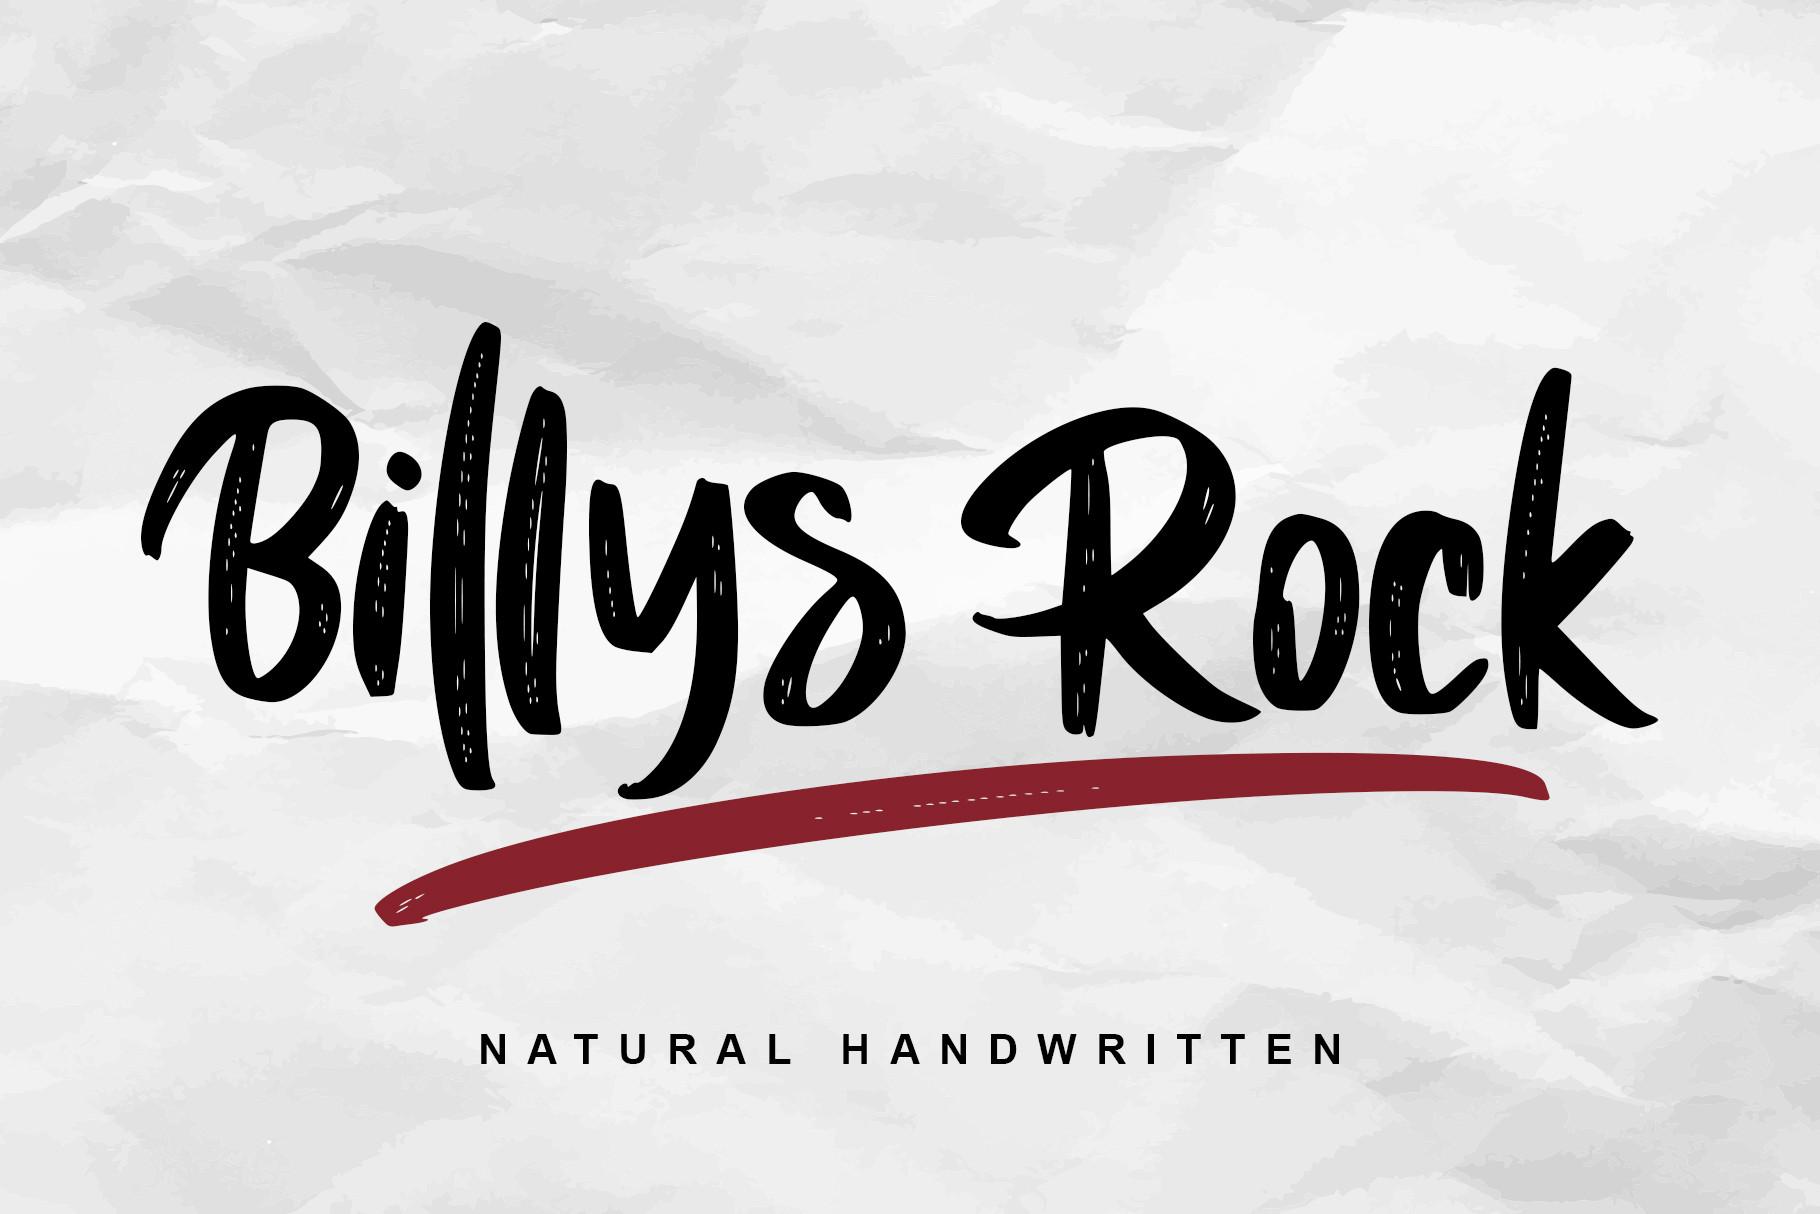 Billys-Rock-Font